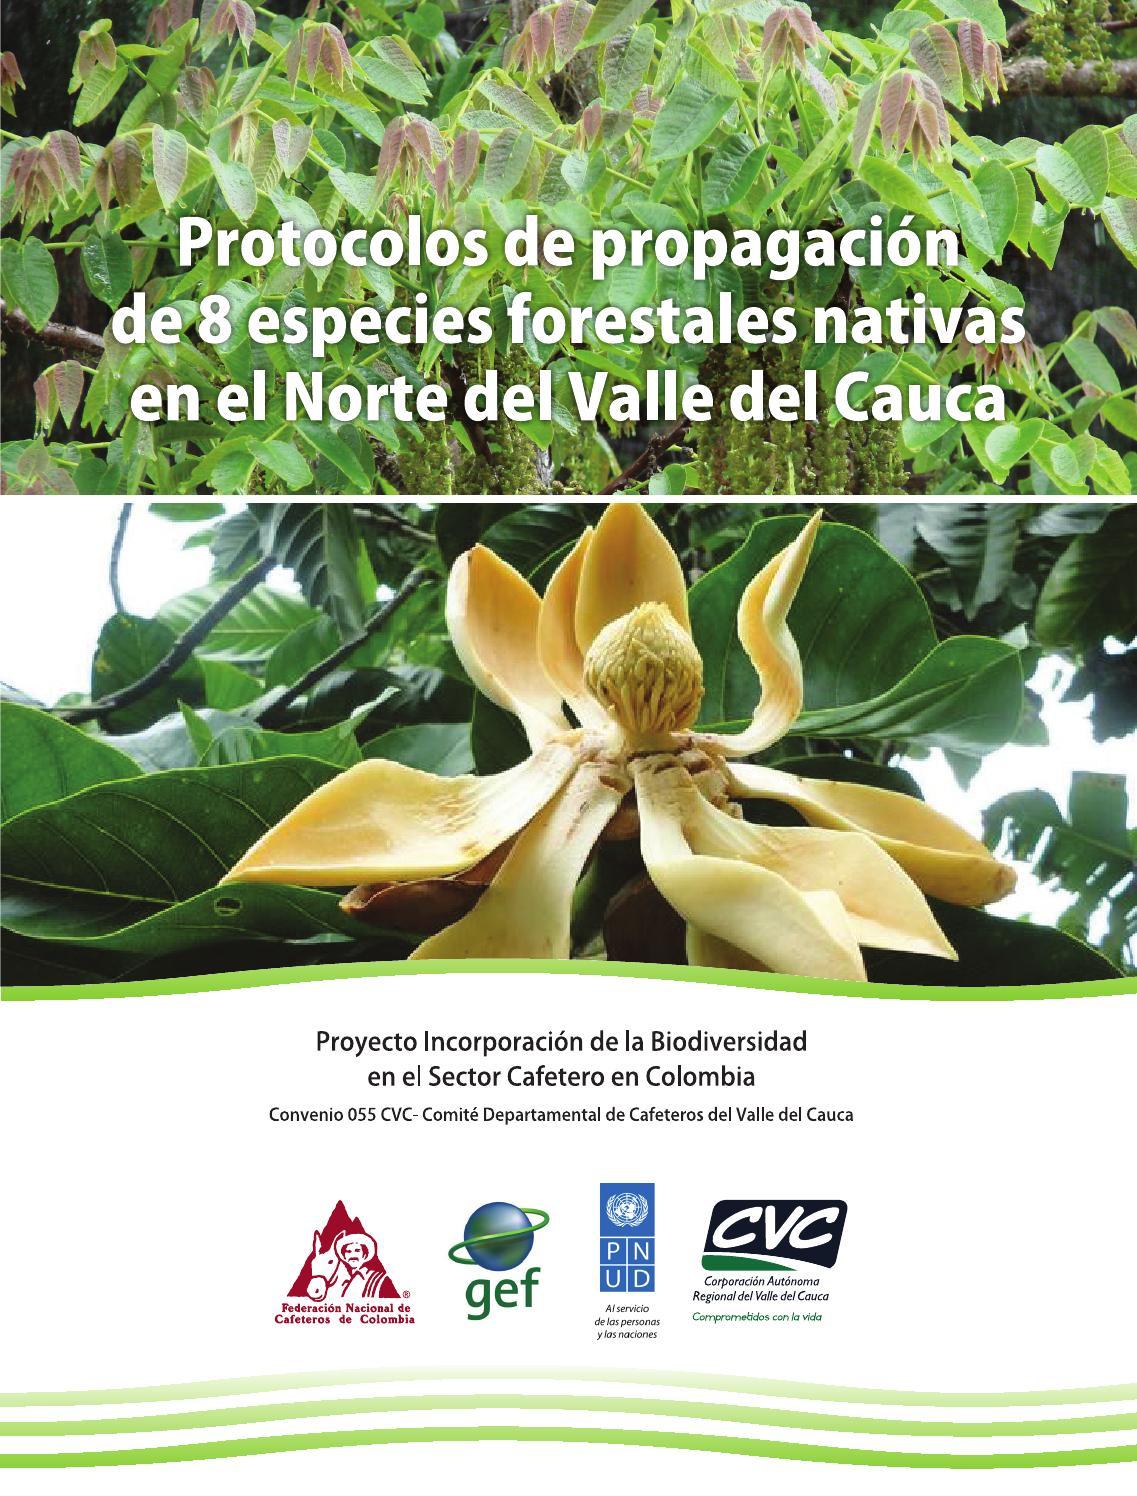 Protocolos de propagaci n de 8 especies forestales nativas for Viveros forestales en colombia